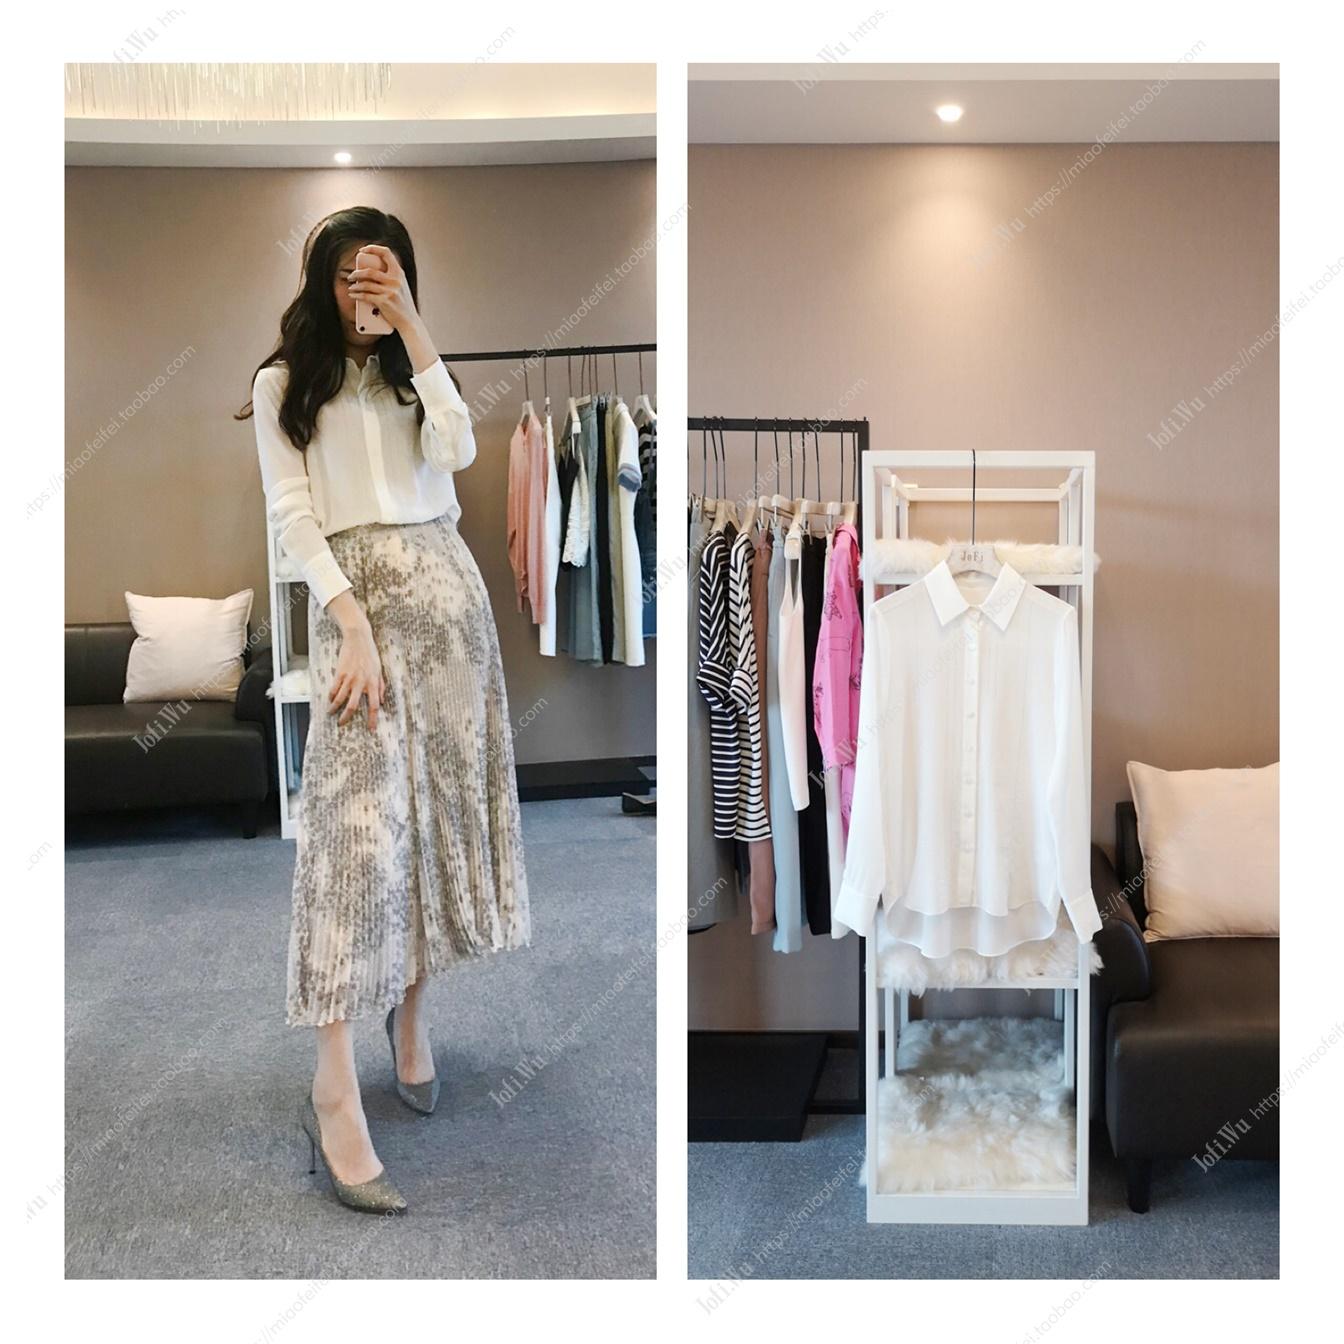 【Jofi】 -IC 19年夏  简约镂空对丝纯白色真丝长袖淑女衬衫